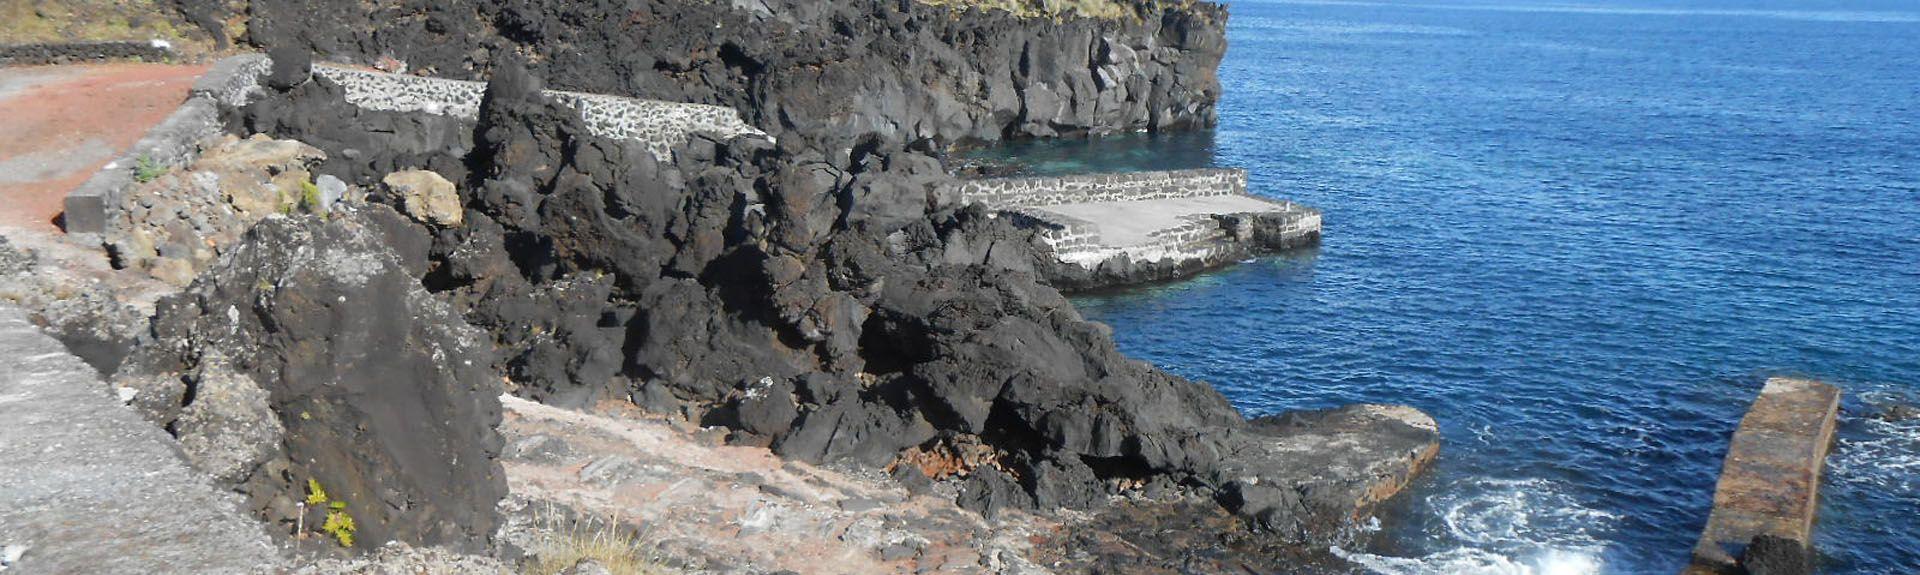 Prainha, Açores, Portugal